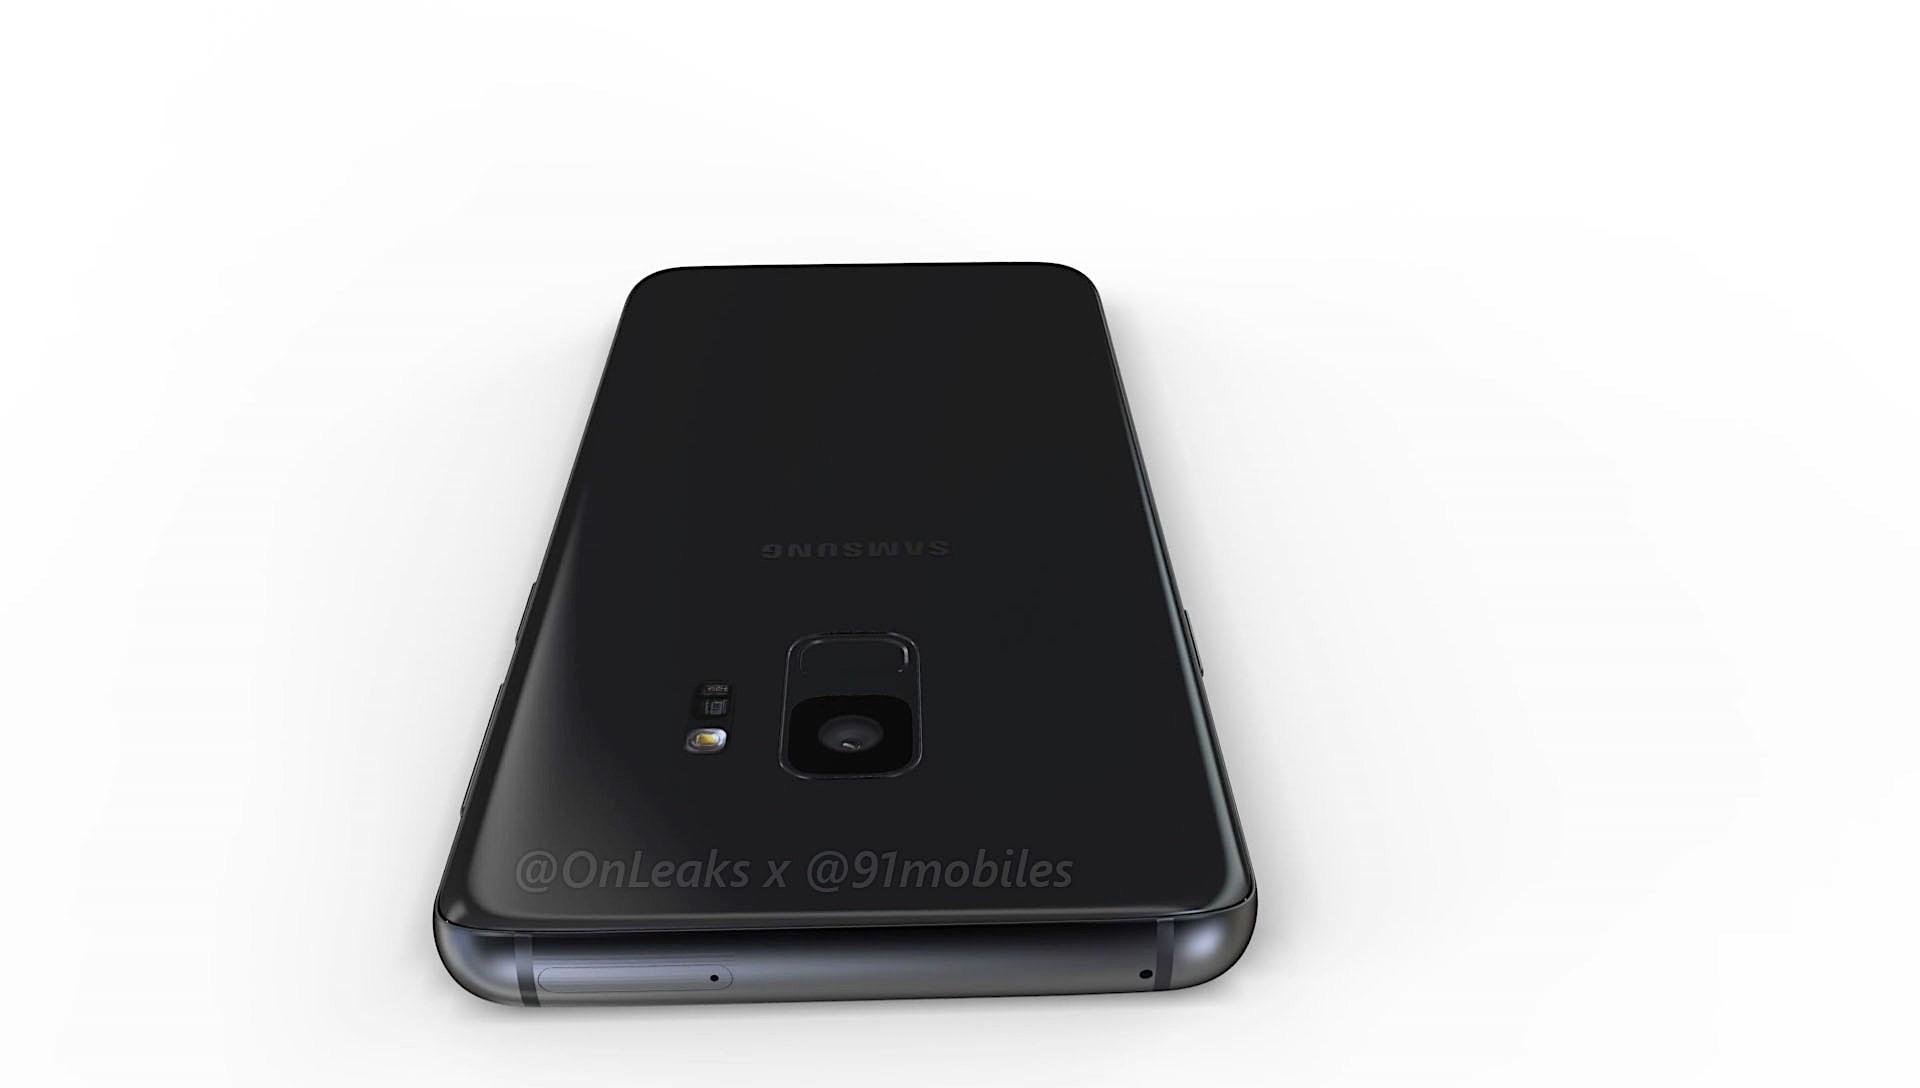 New Leak Allegedly Shows Off Samsung Galaxy S9 Design